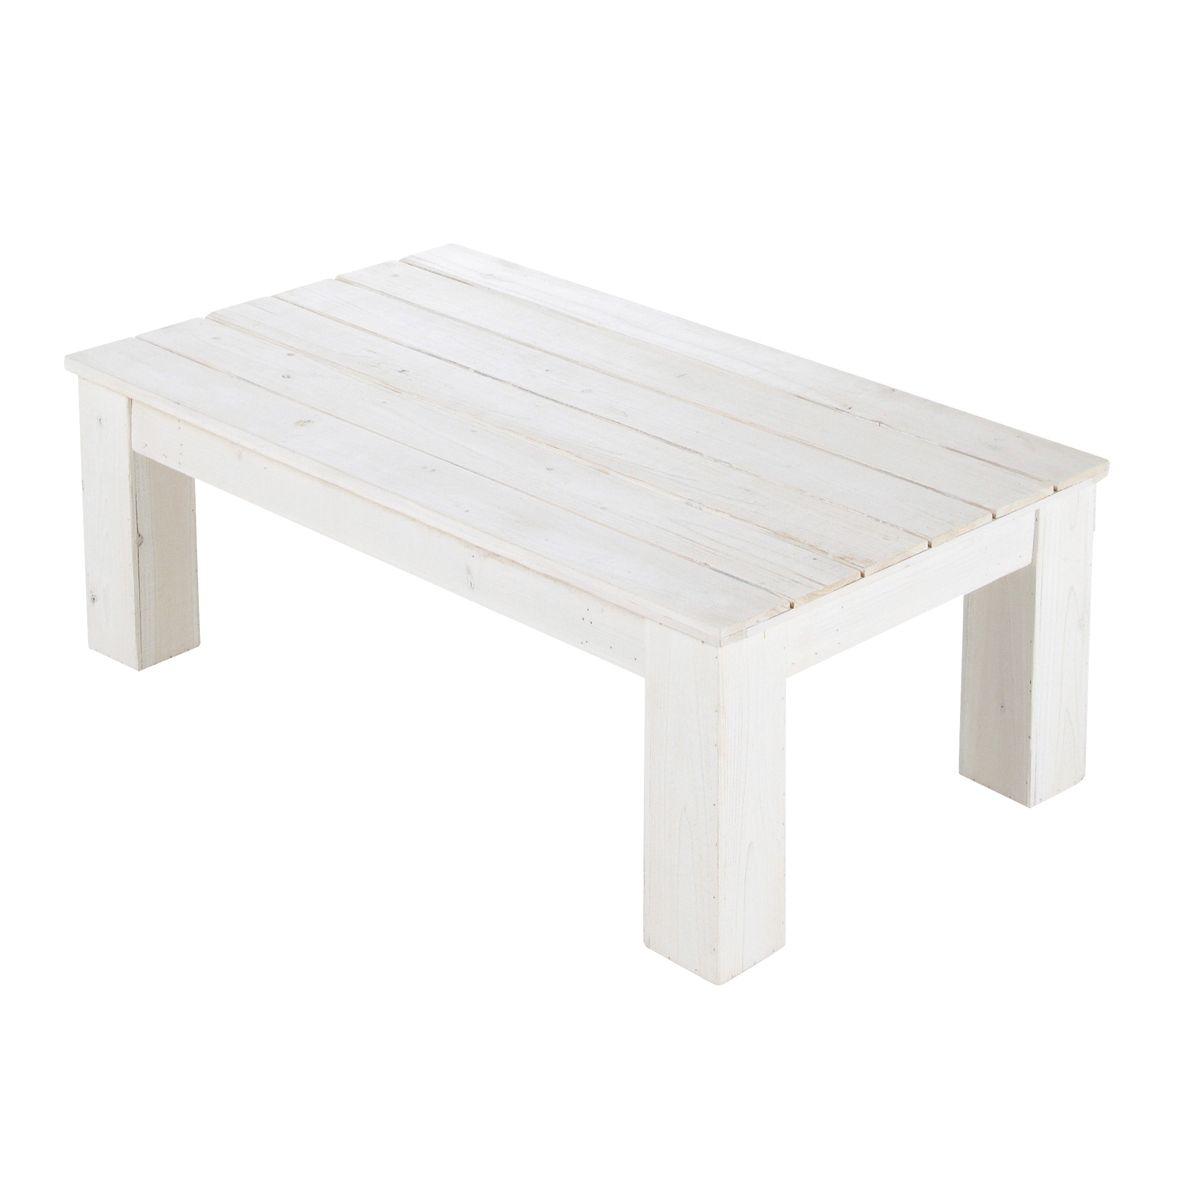 Table basse petite taille table de salon moderne blanc | Objets ...